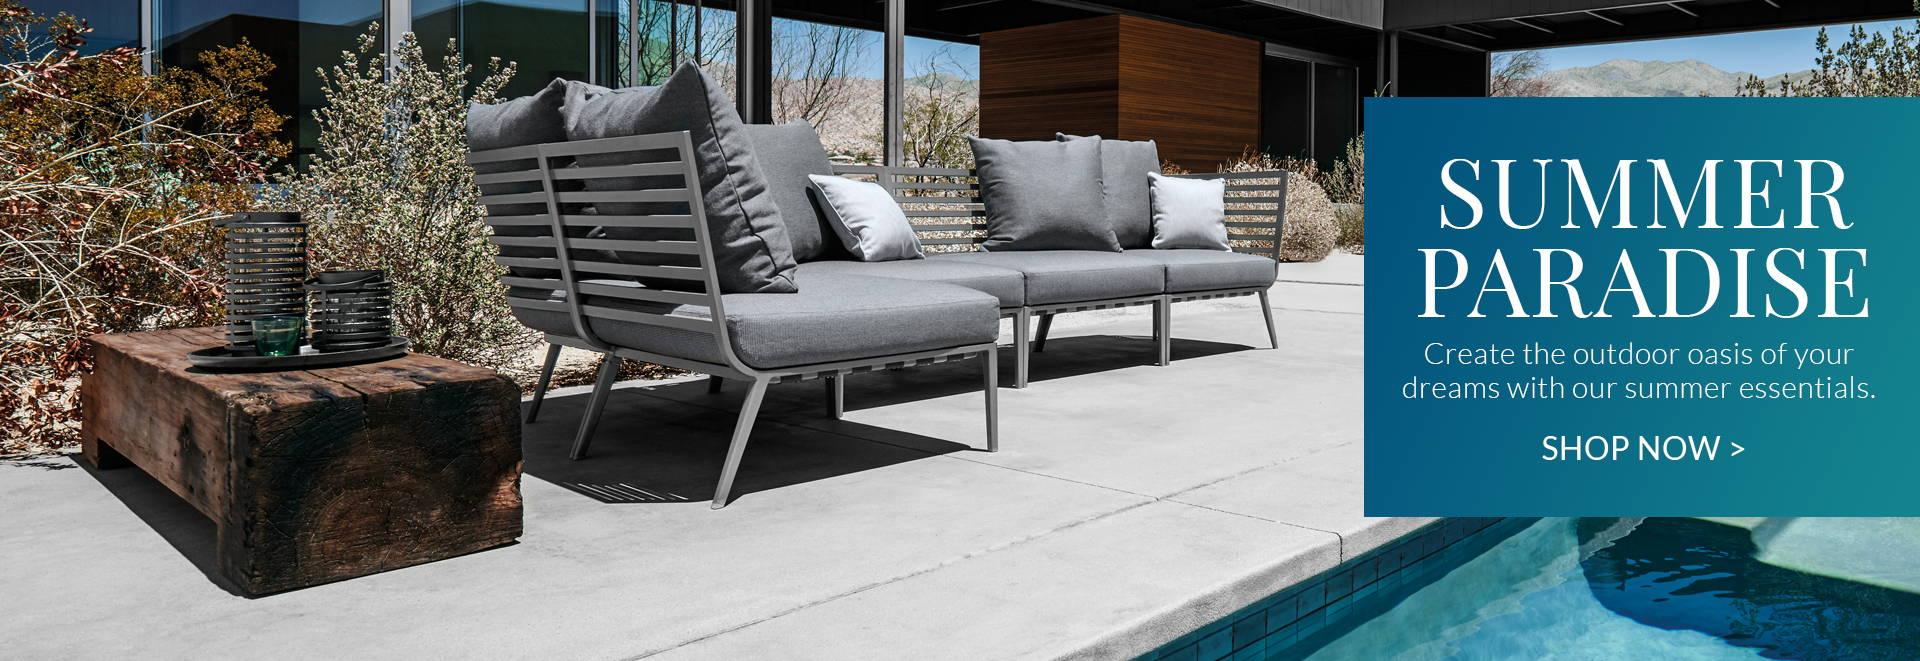 Luxury Outdoor Furniture Grills Amp Umbrellas Authenteak